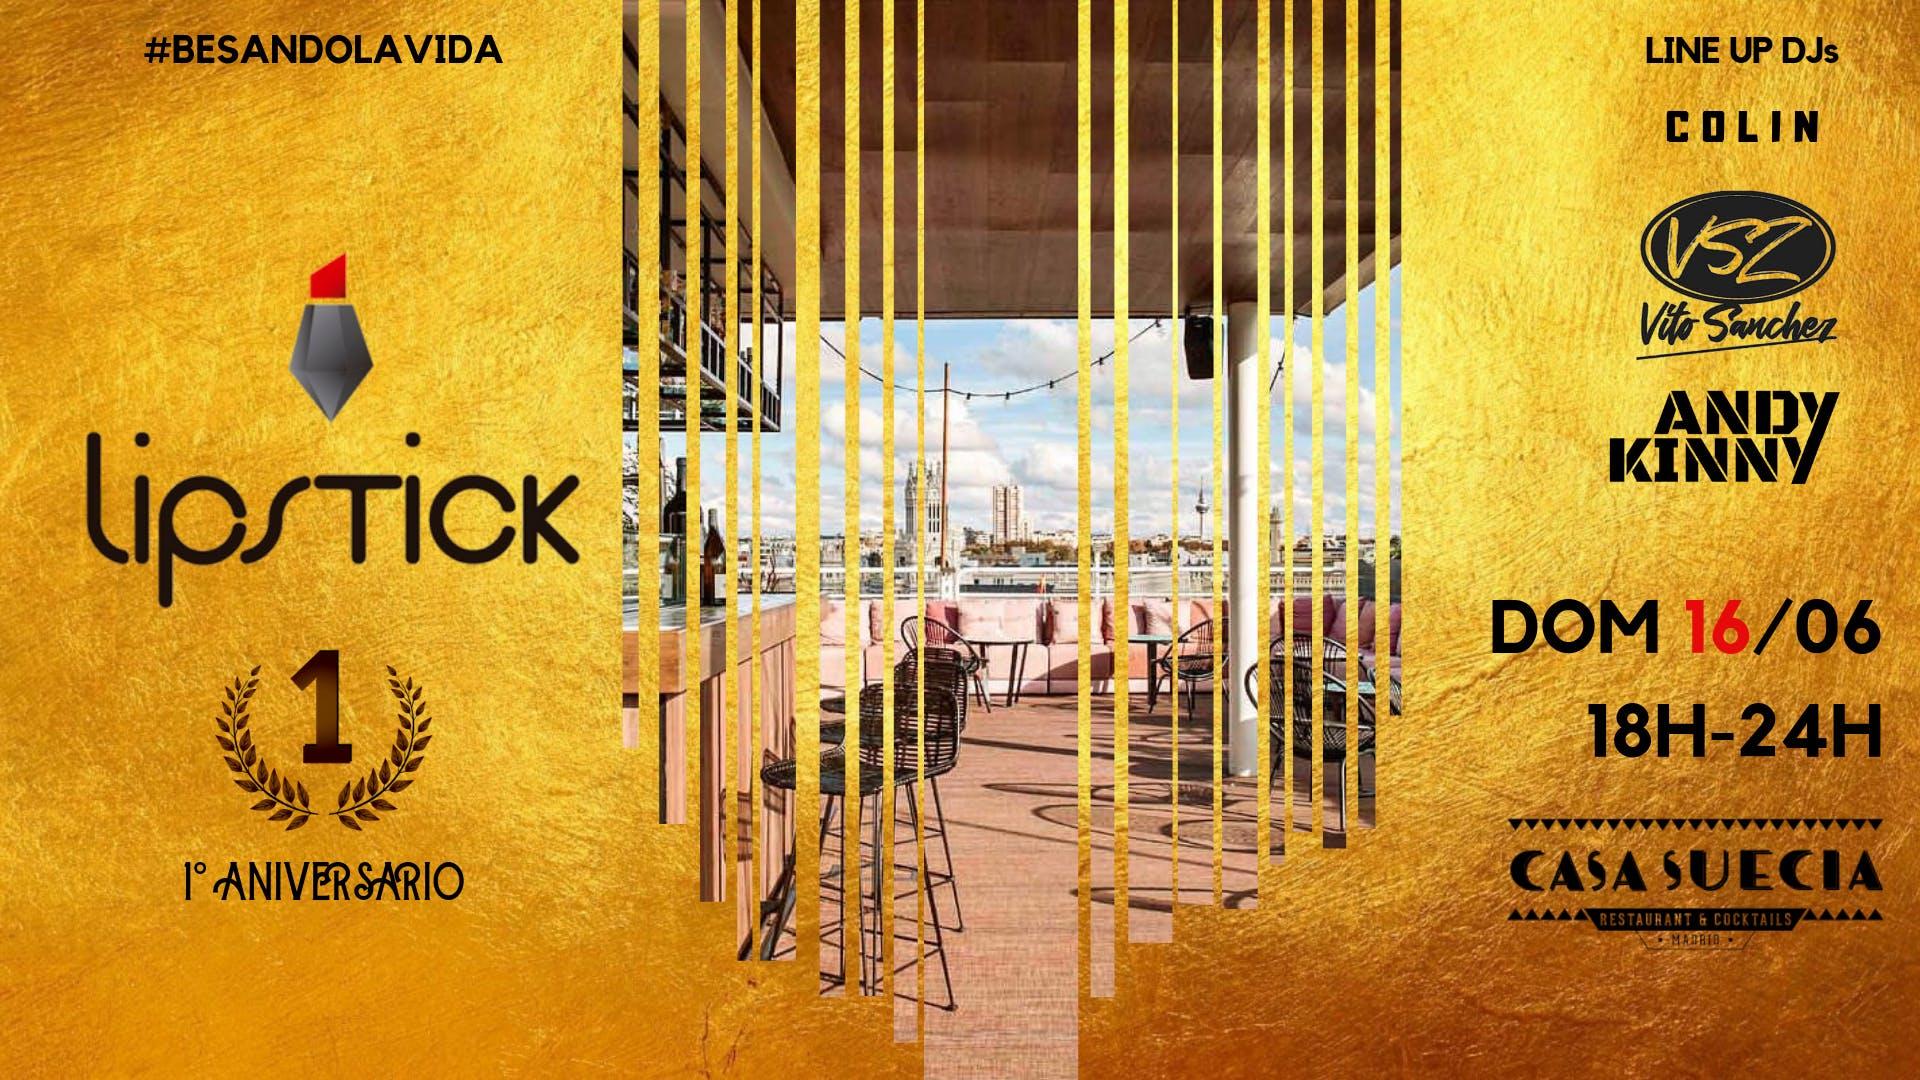 Lipstick 1º Aniversario Red&Gold @Terraza Hotel NH Casa Suecia Domingo 16 de Junio Start 18H